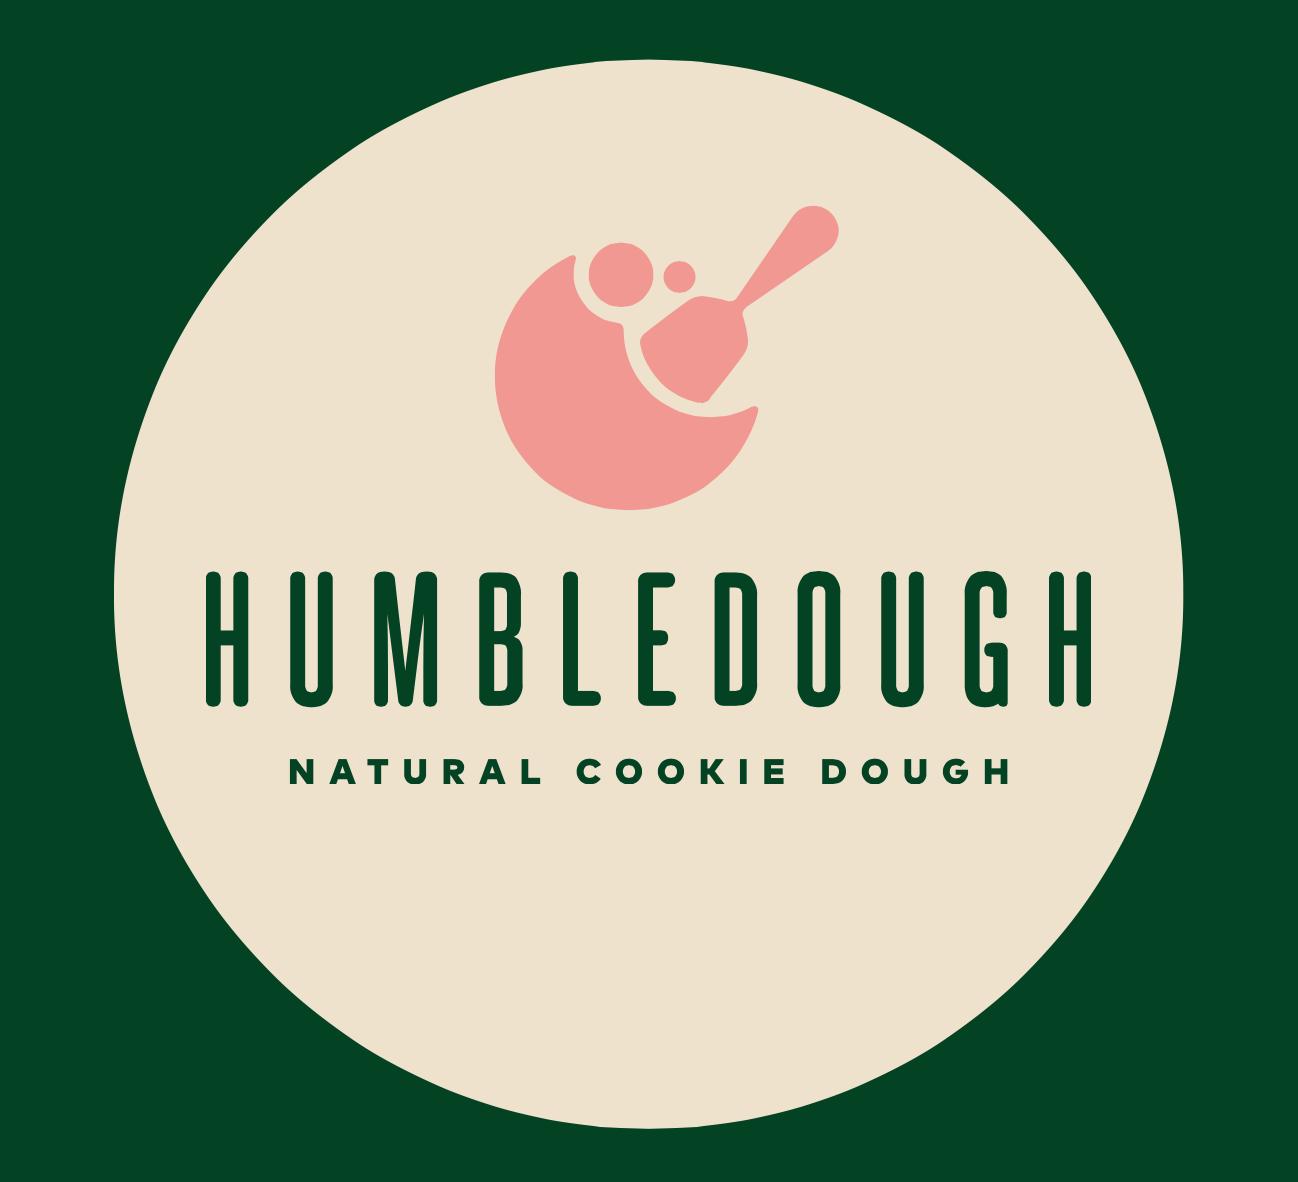 Humble Dough